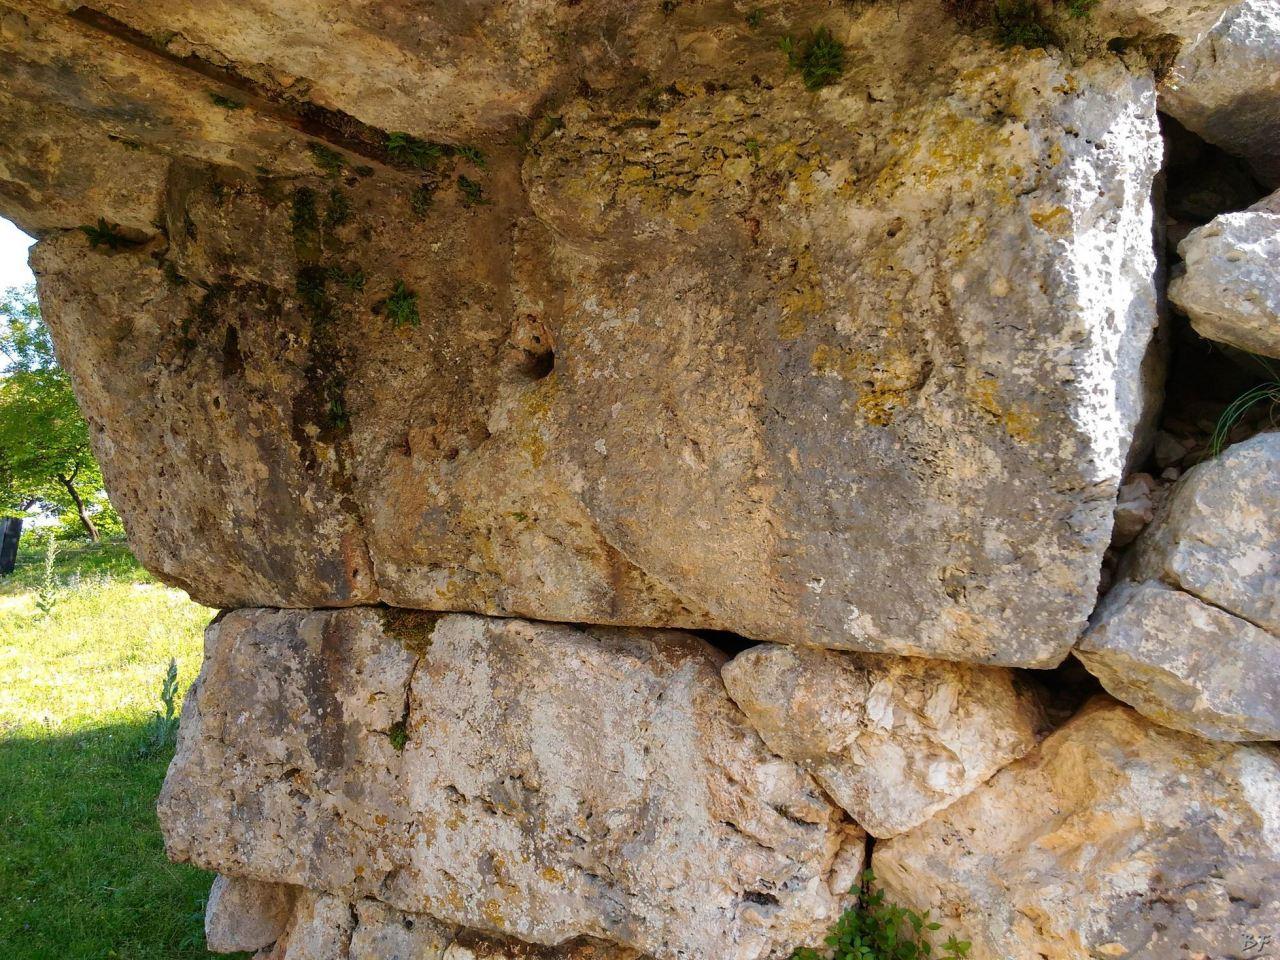 Signia-Mura-Poligonali-Megalitiche-Segni-Roma-Lazio-Italia-23